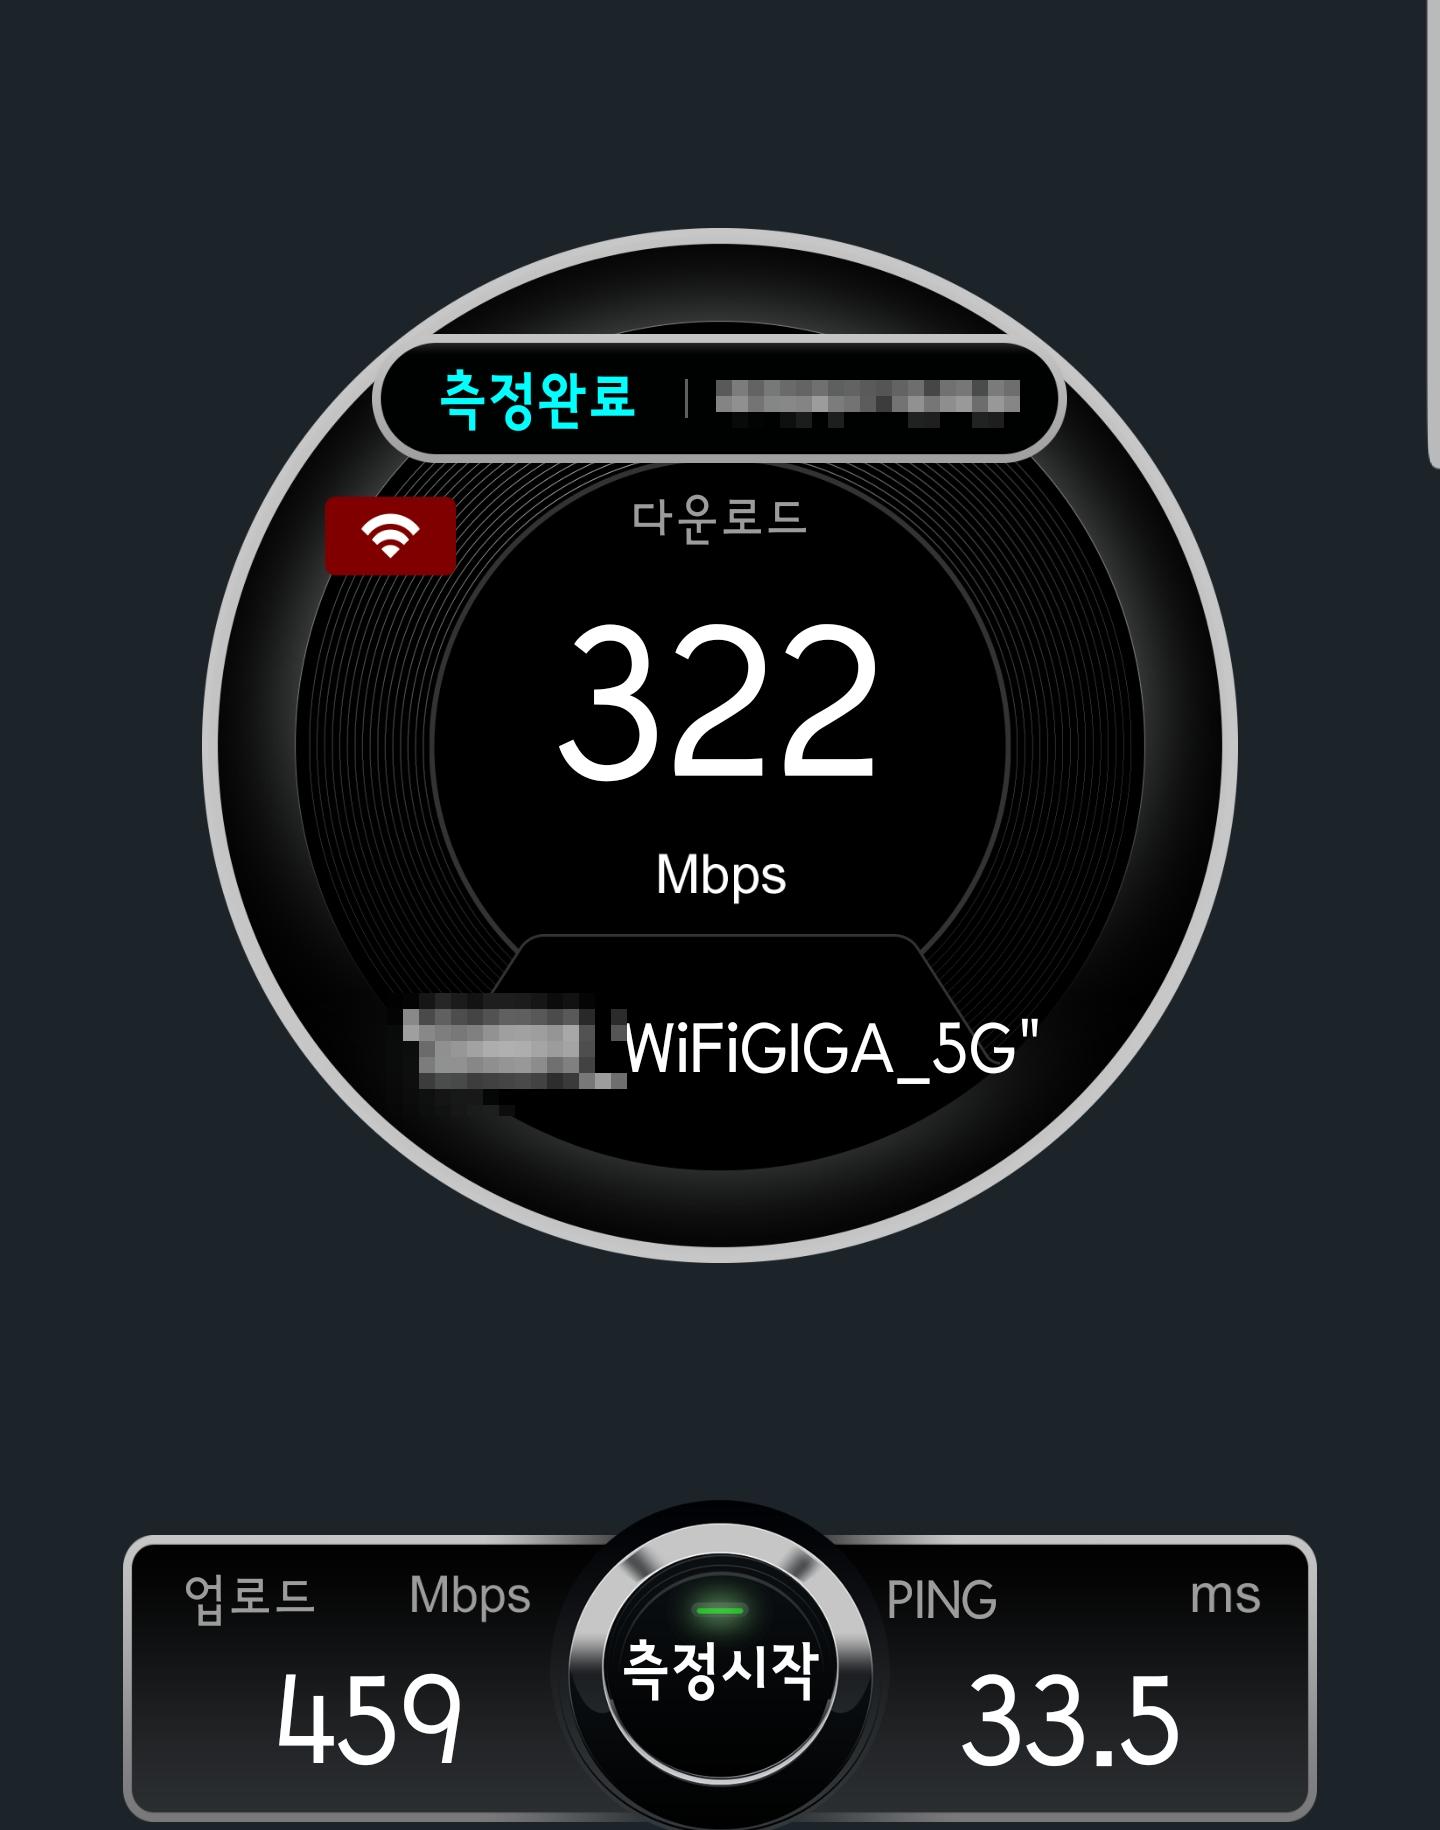 기가 라이트 모델 WIFI 5G